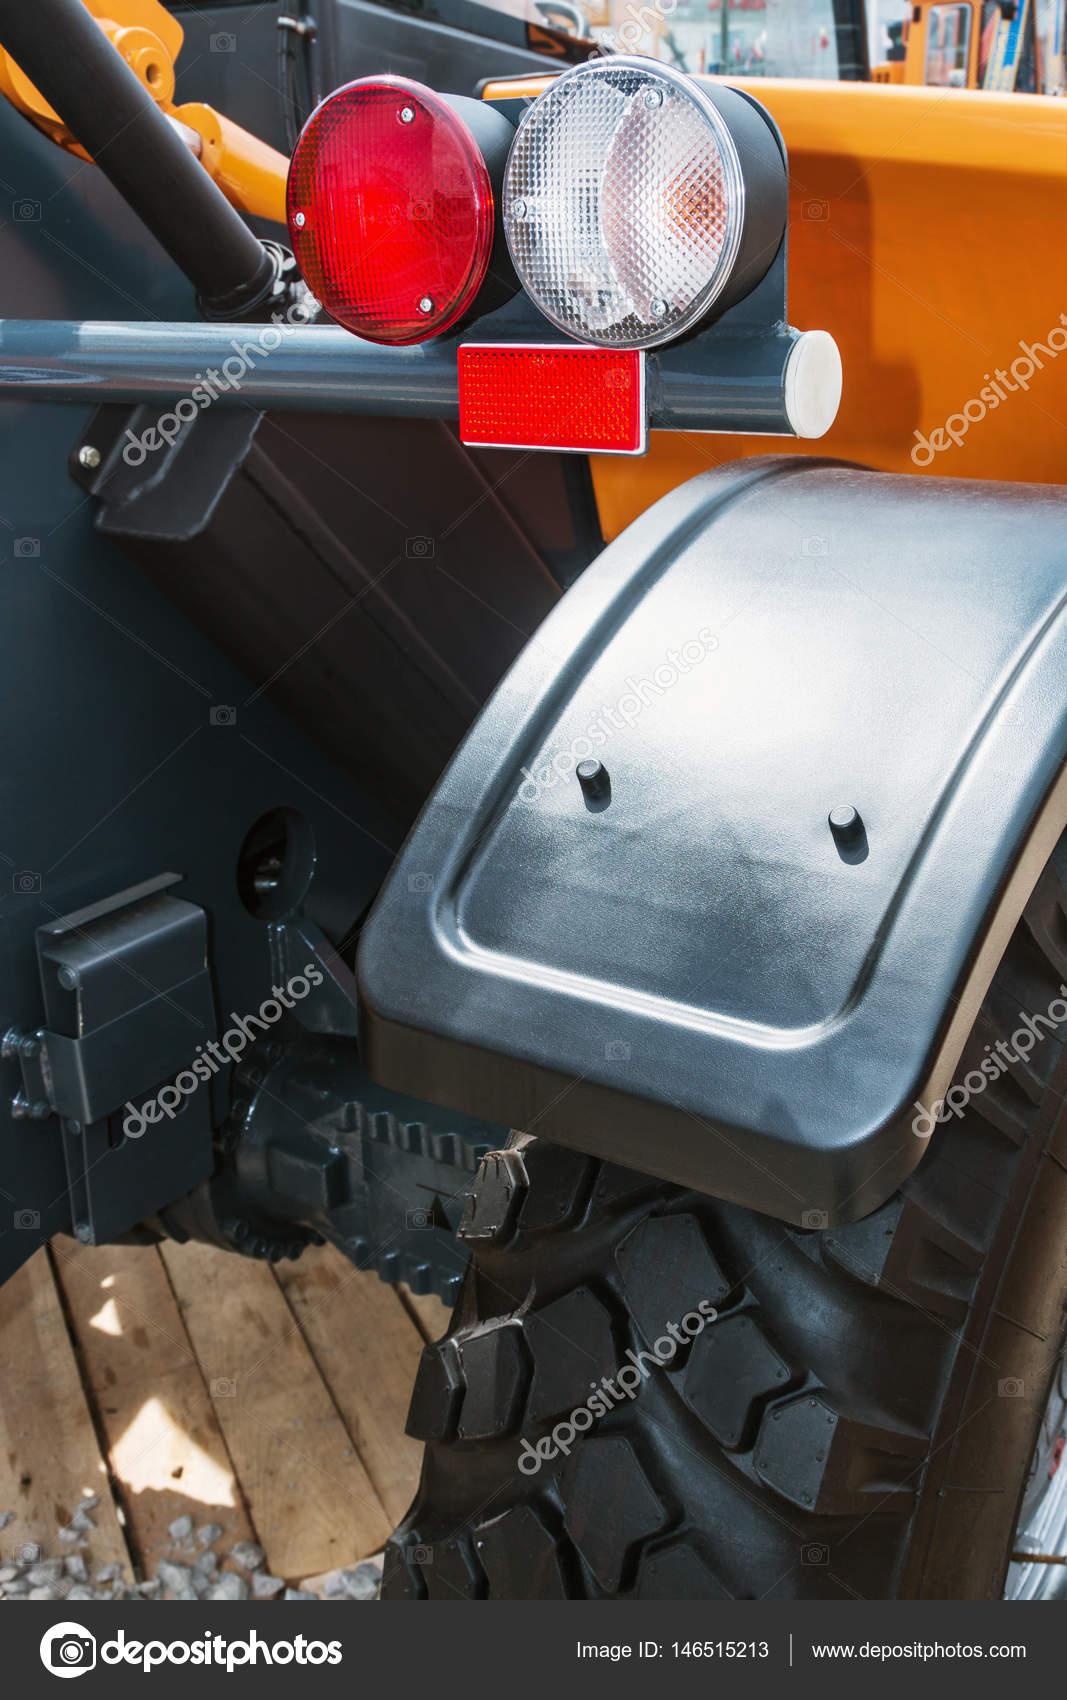 https://st3.depositphotos.com/1001414/14651/i/1600/depositphotos_146515213-stockafbeelding-parkeren-verlichting-voor-een-bouw.jpg